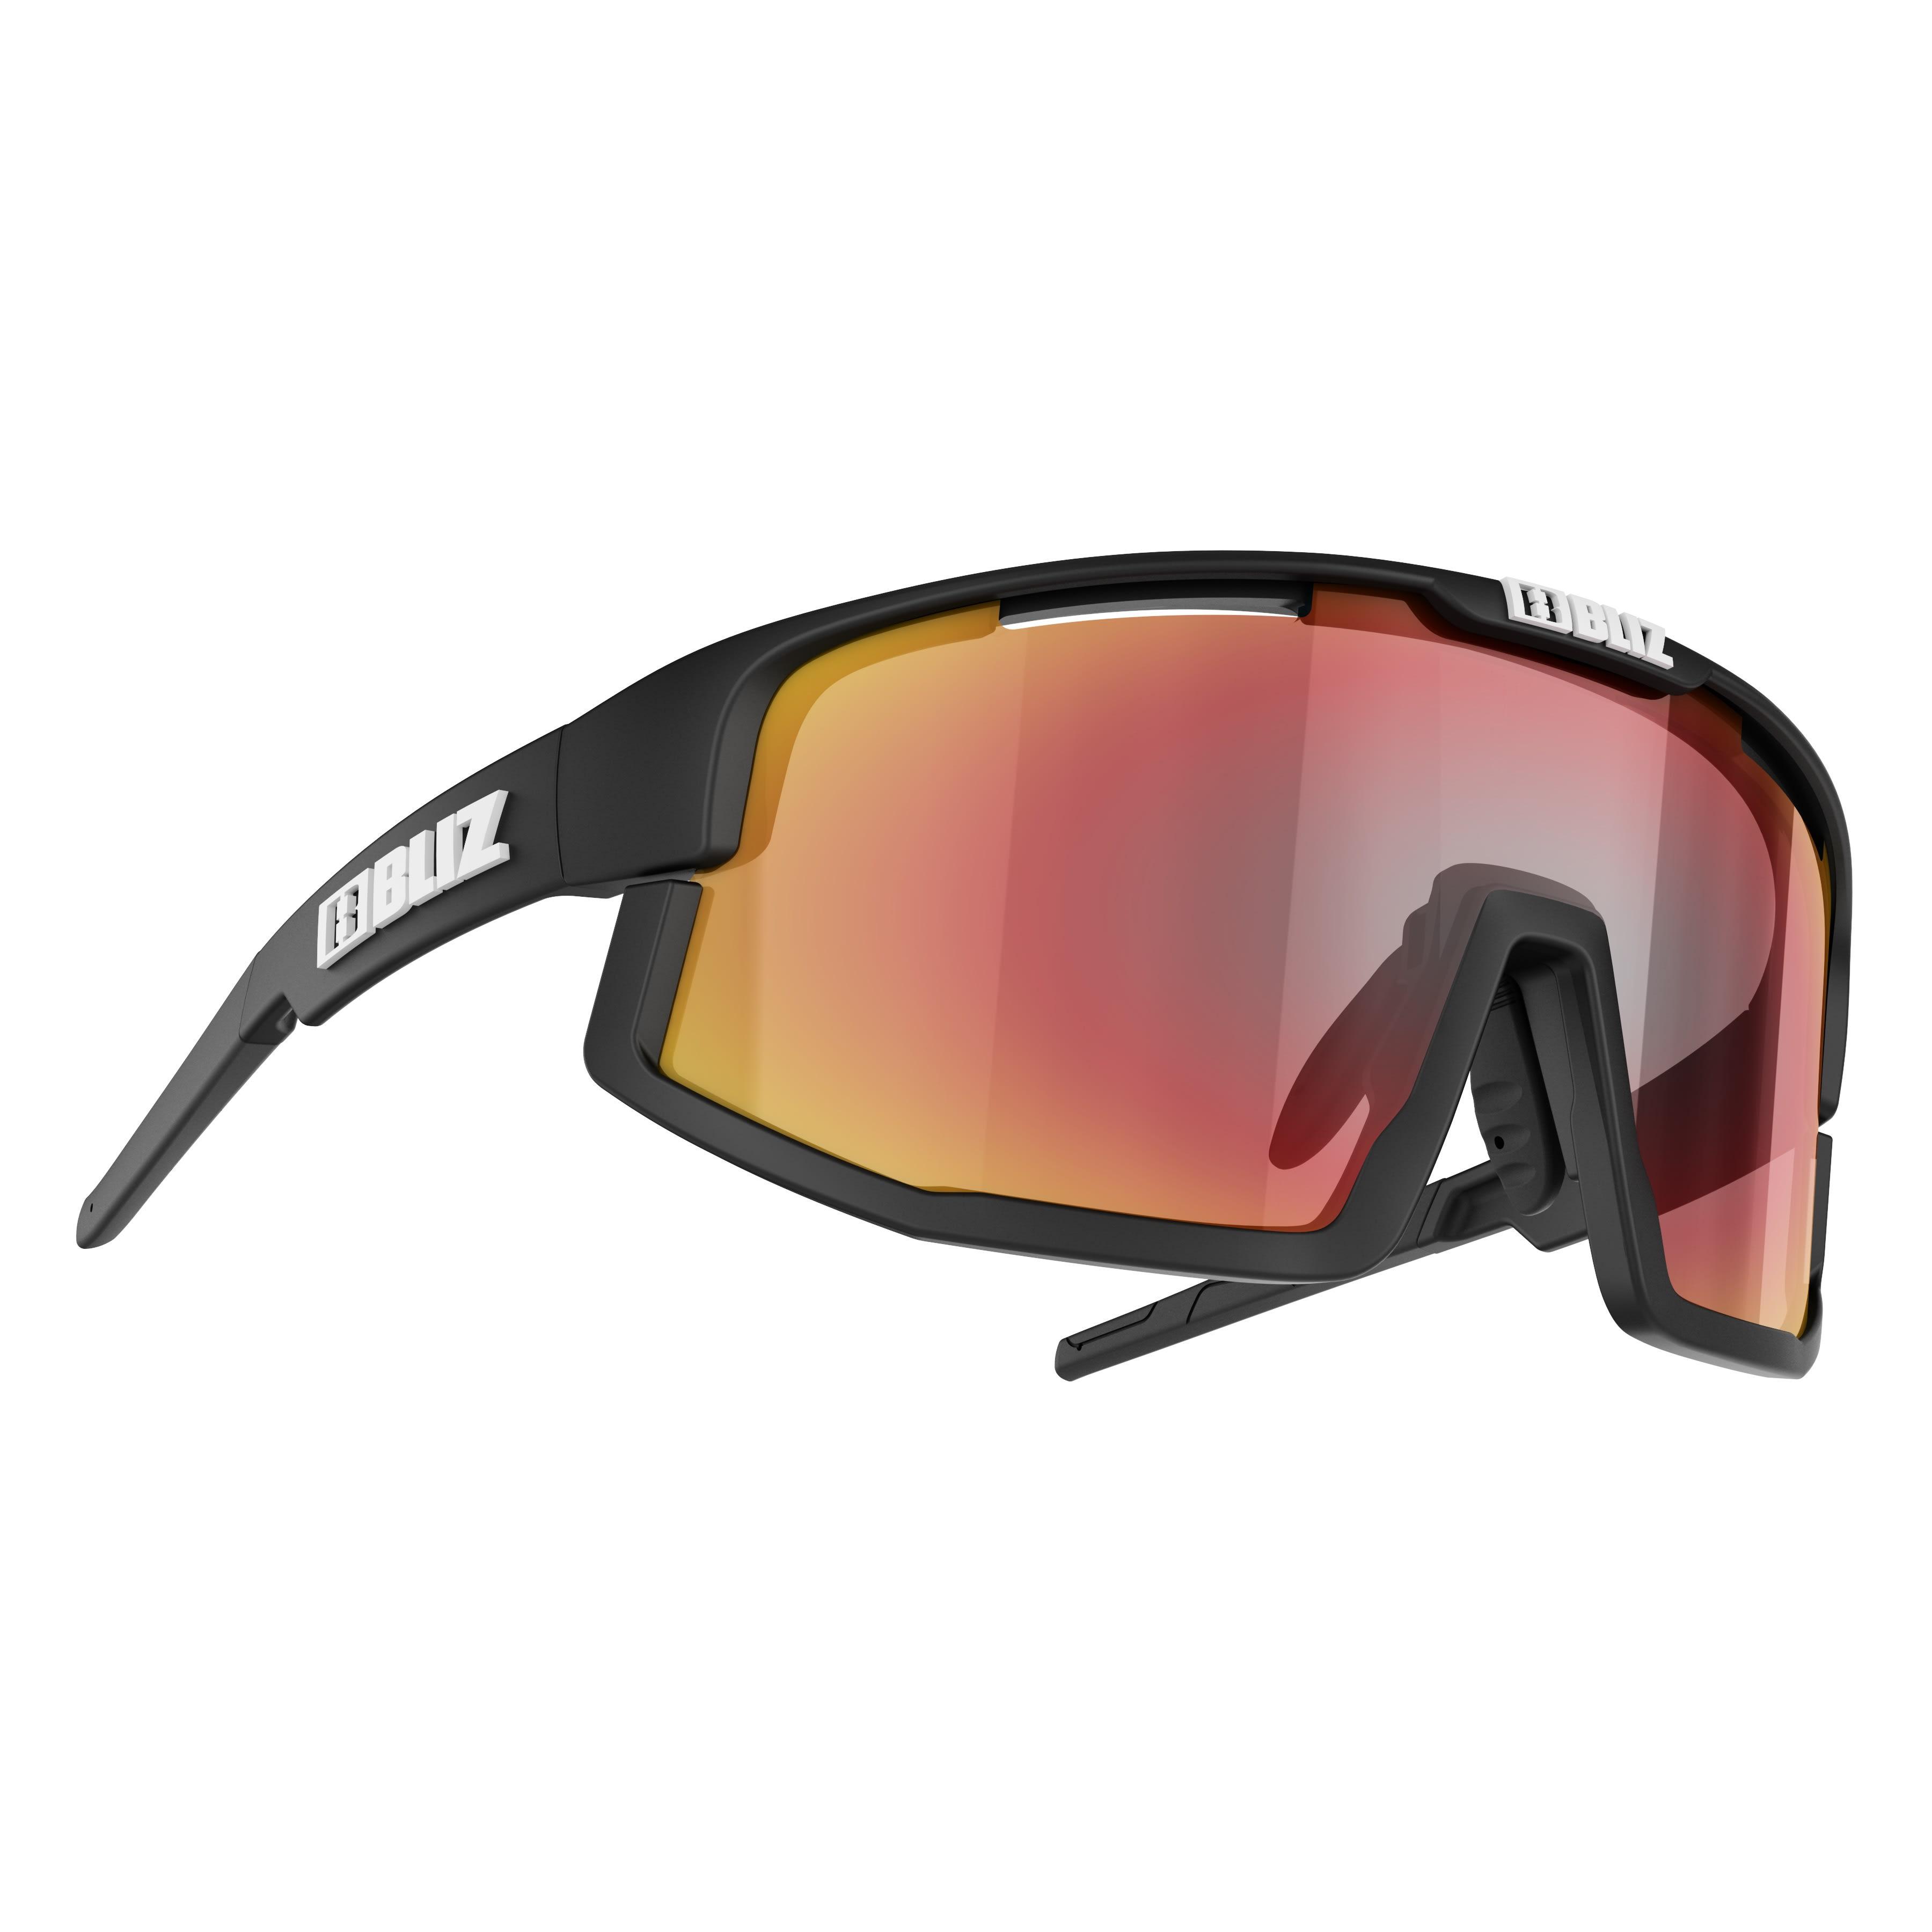 Bliz Vision Multisport/Fahrrad-Brille in verschiedenen Ausführungen